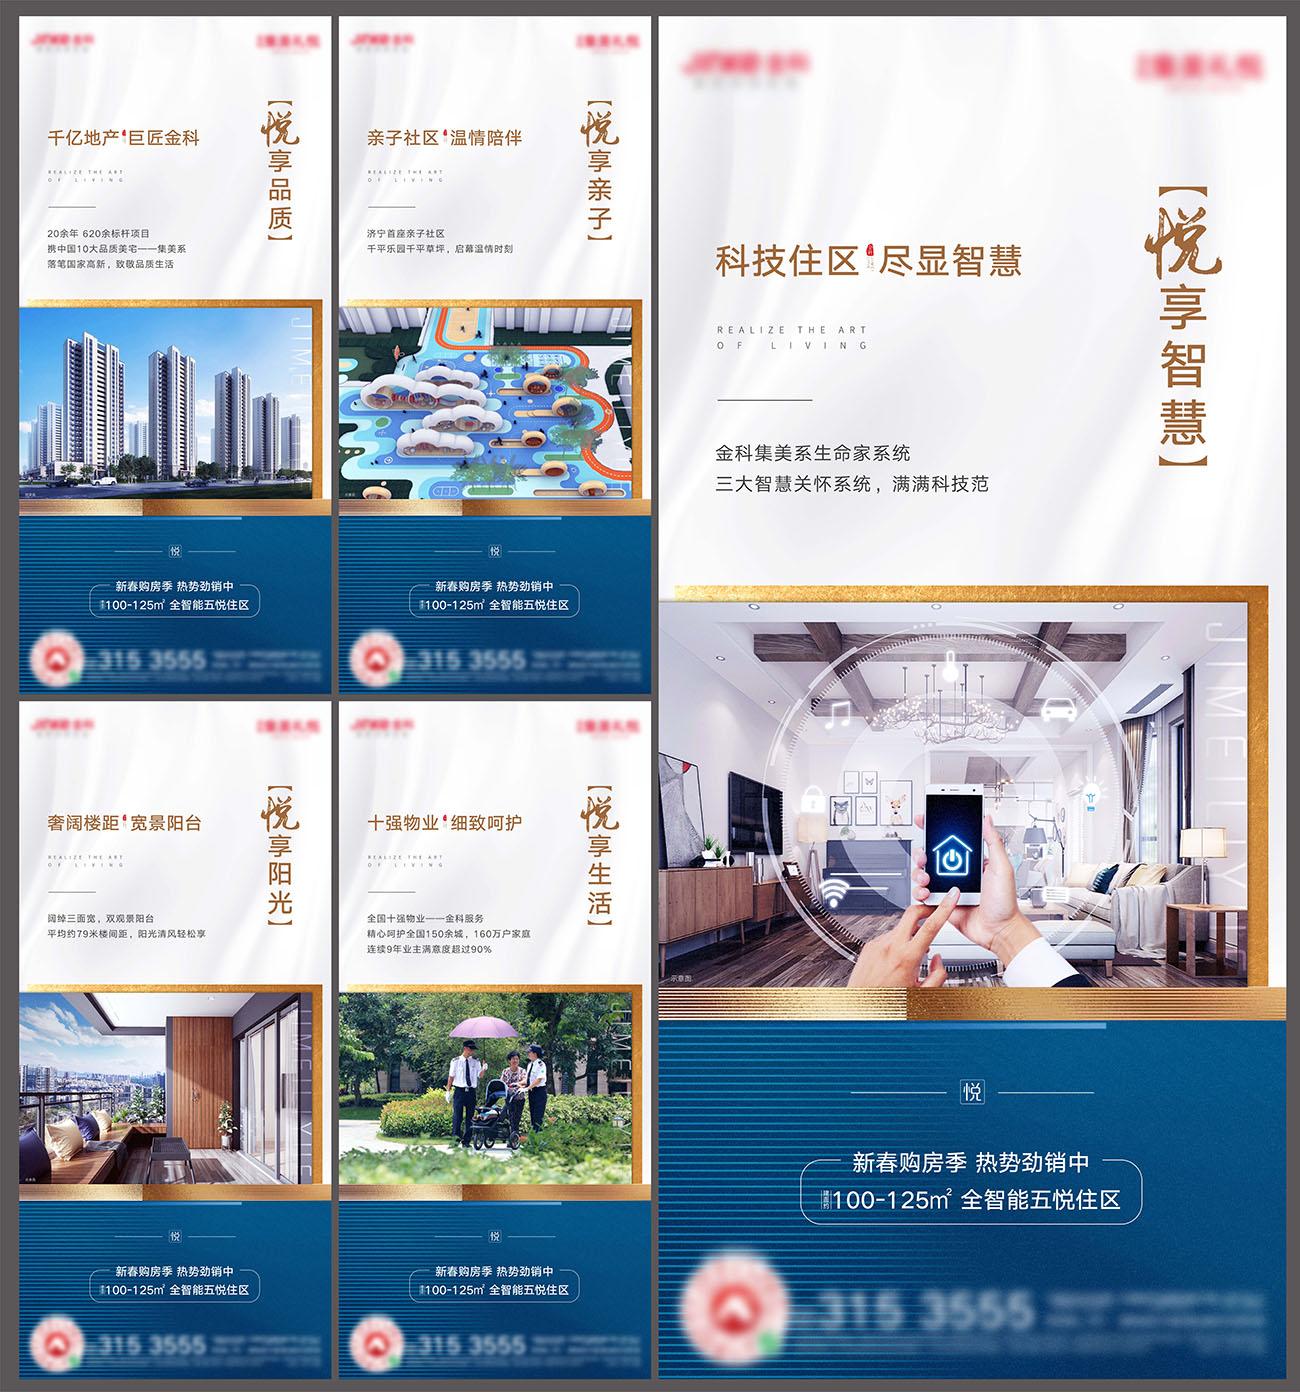 房地产配套价值点系列海报AI+PSD源文件插图